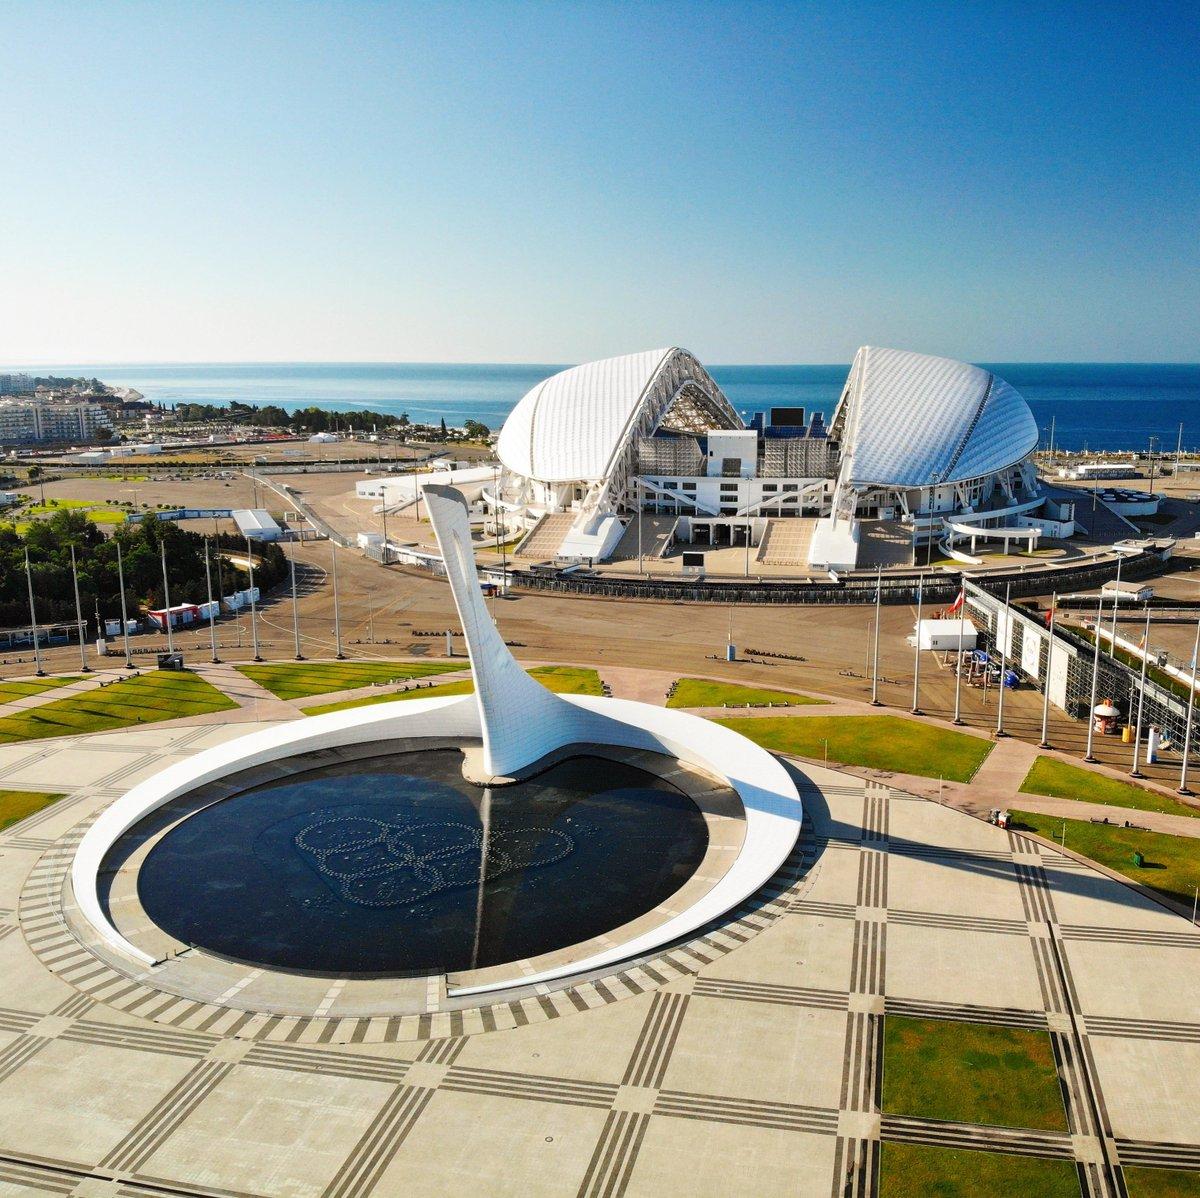 олимпийский парк сочи официальный сайт фото правило